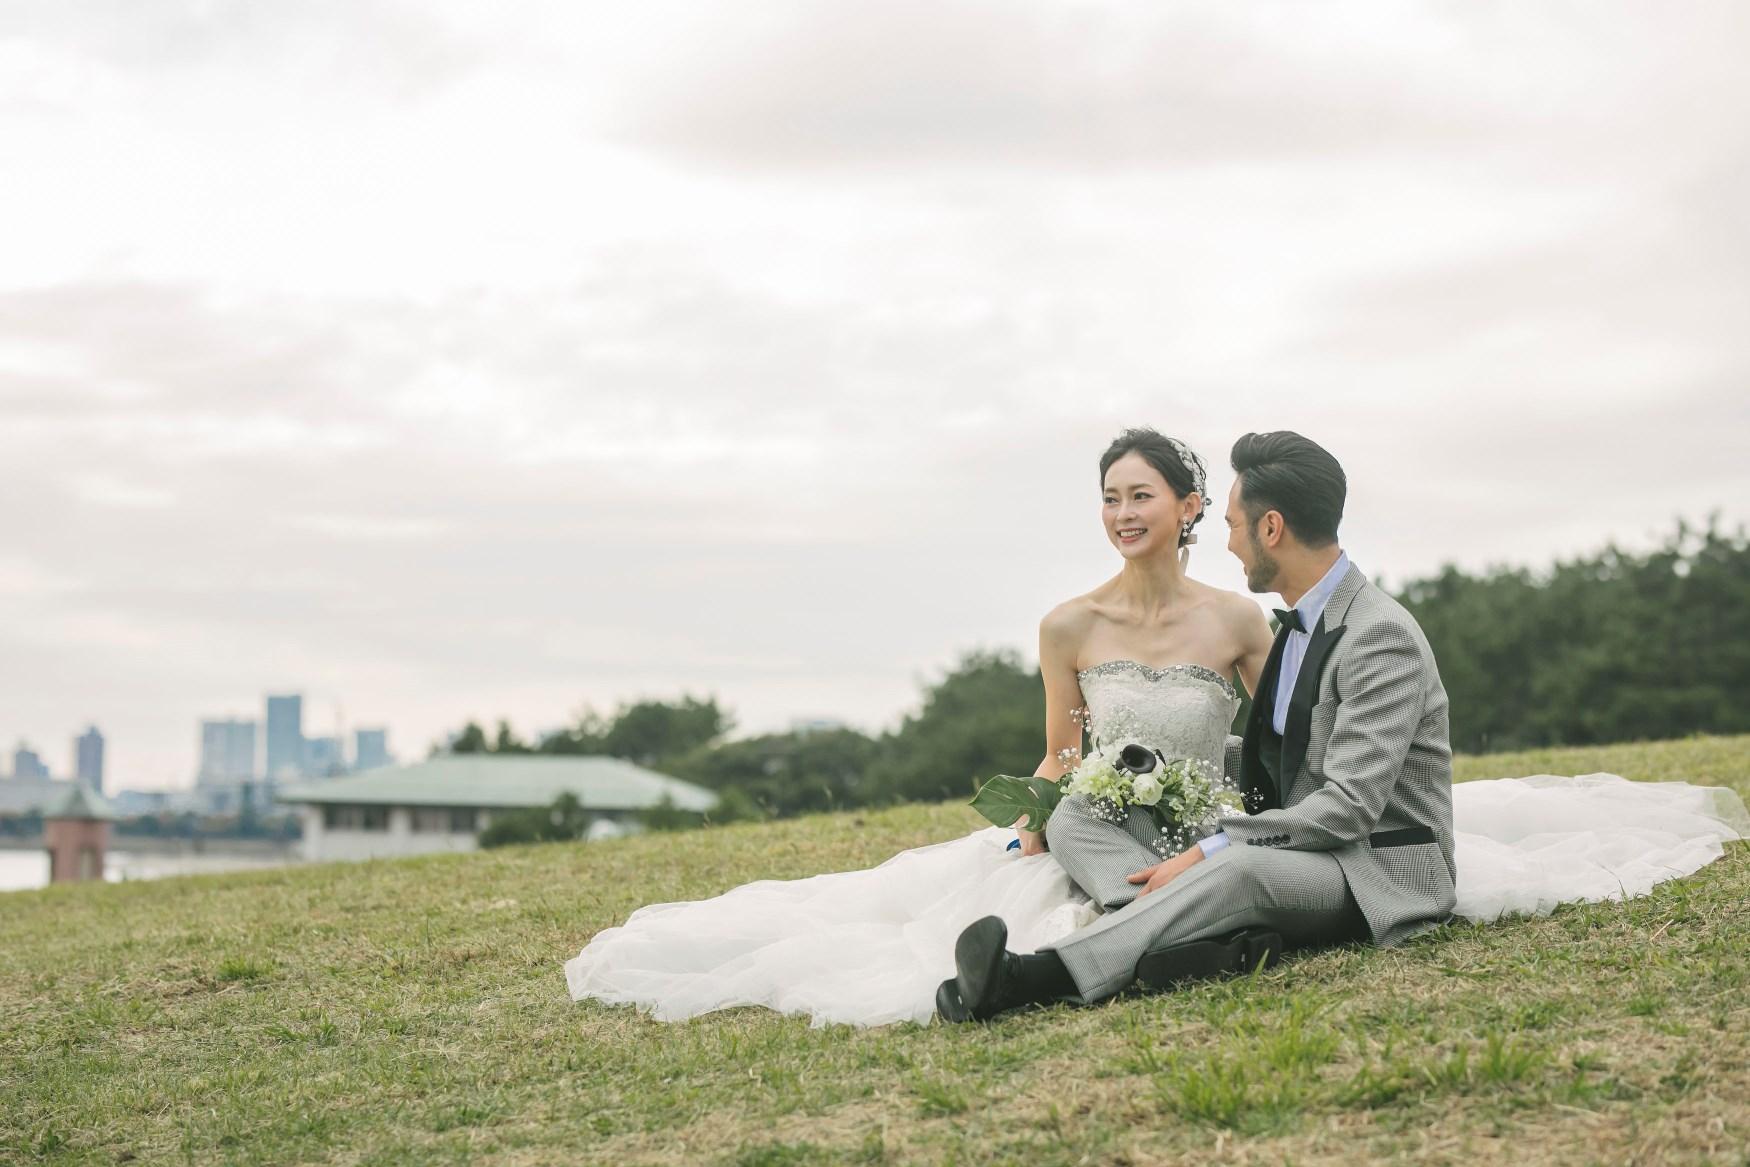 葛西臨海公園の公園の芝生でくつろぎフォトタイム